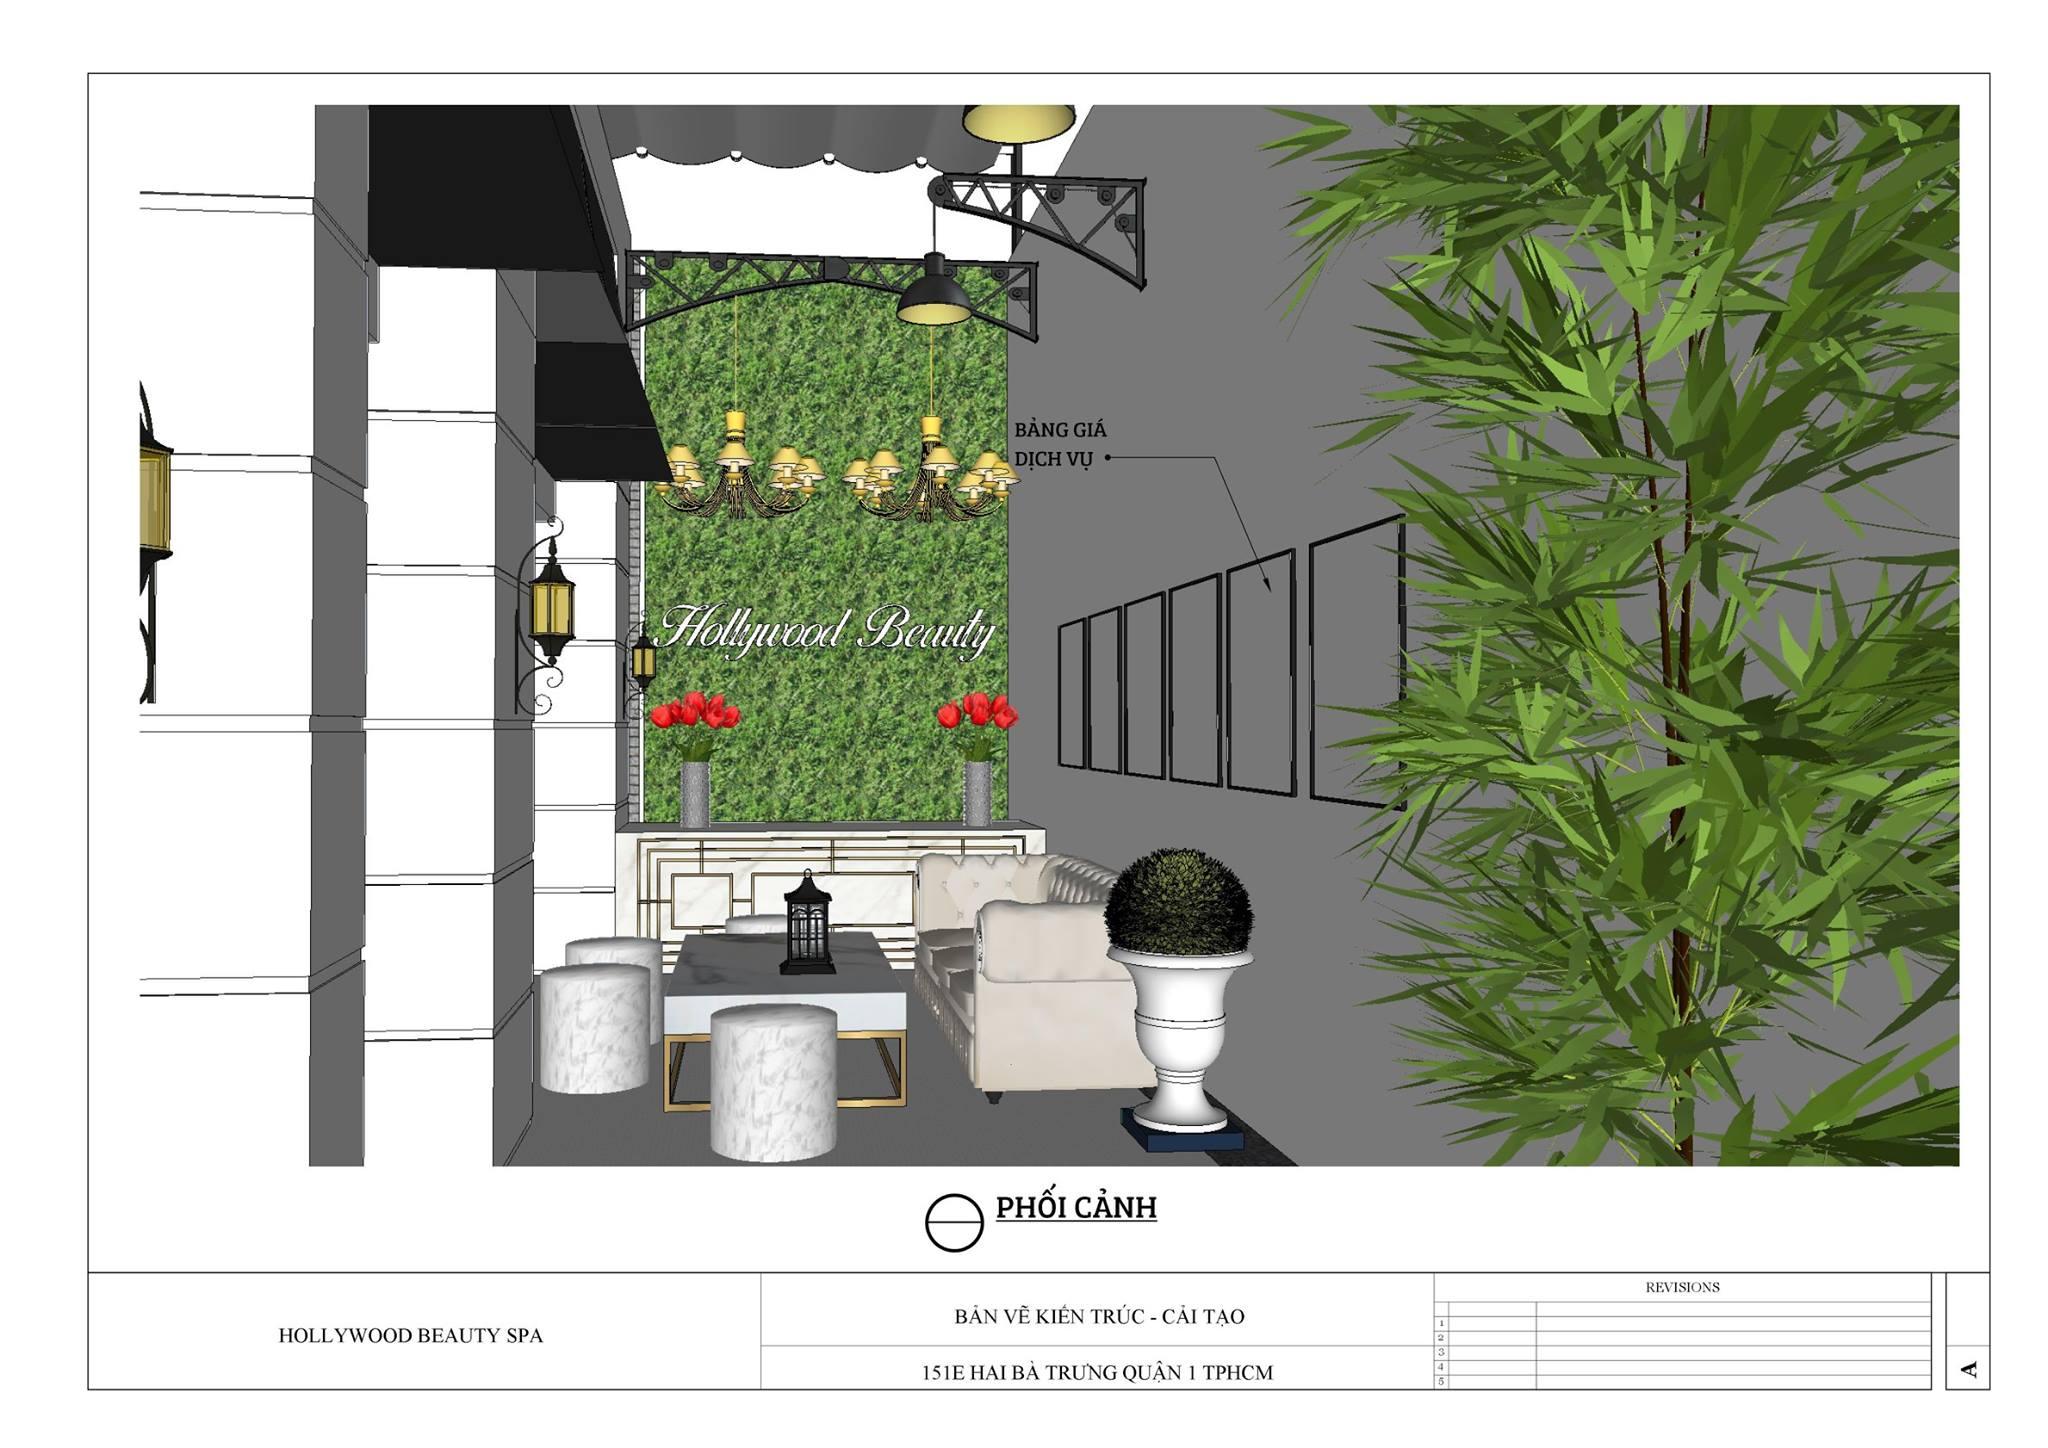 thiết kế nội thất Spa tại Hồ Chí Minh CẢI TẠO SPA - 06.2017 13 1534236530